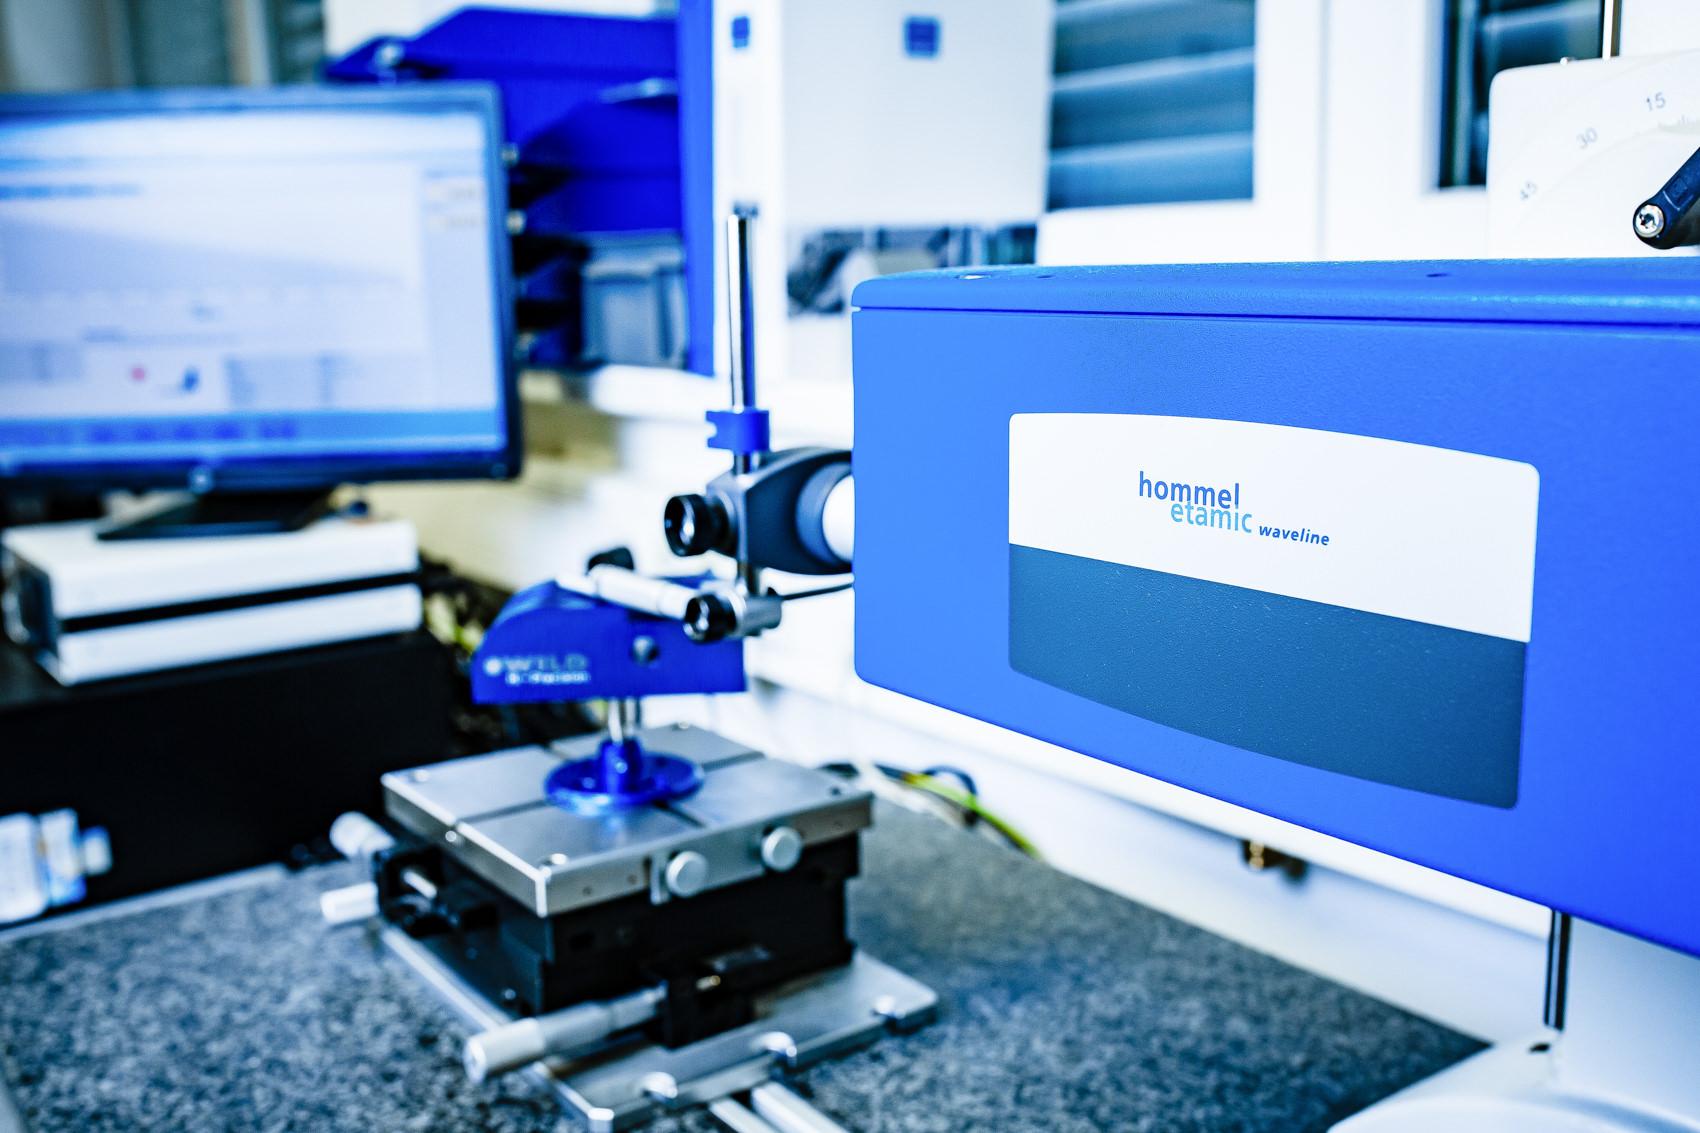 Foto eines Kontur- und Oberflächenmessgerätes für die Konturmessung und Messung der Oberflächenrauheit bei der Firma Wild Hi-Precision